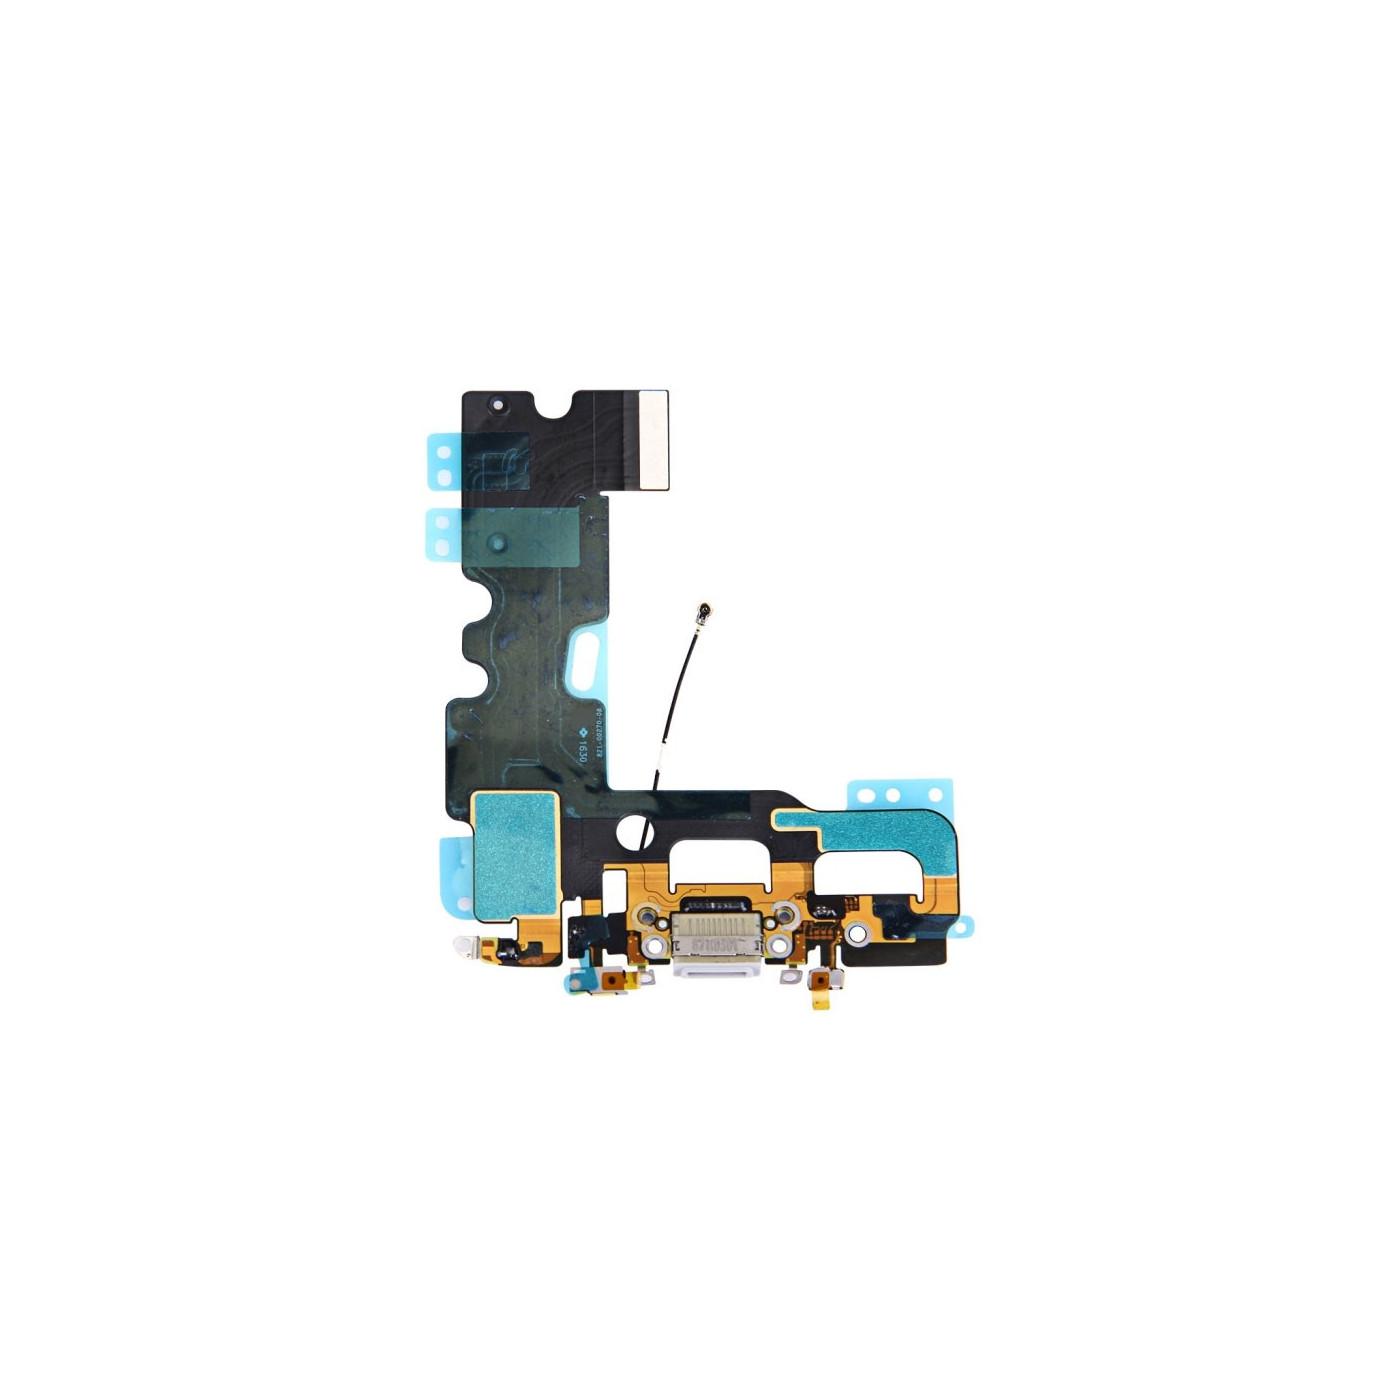 Flacher flex ladeanschluss für iphone 7 Grau dock audio mikrofon